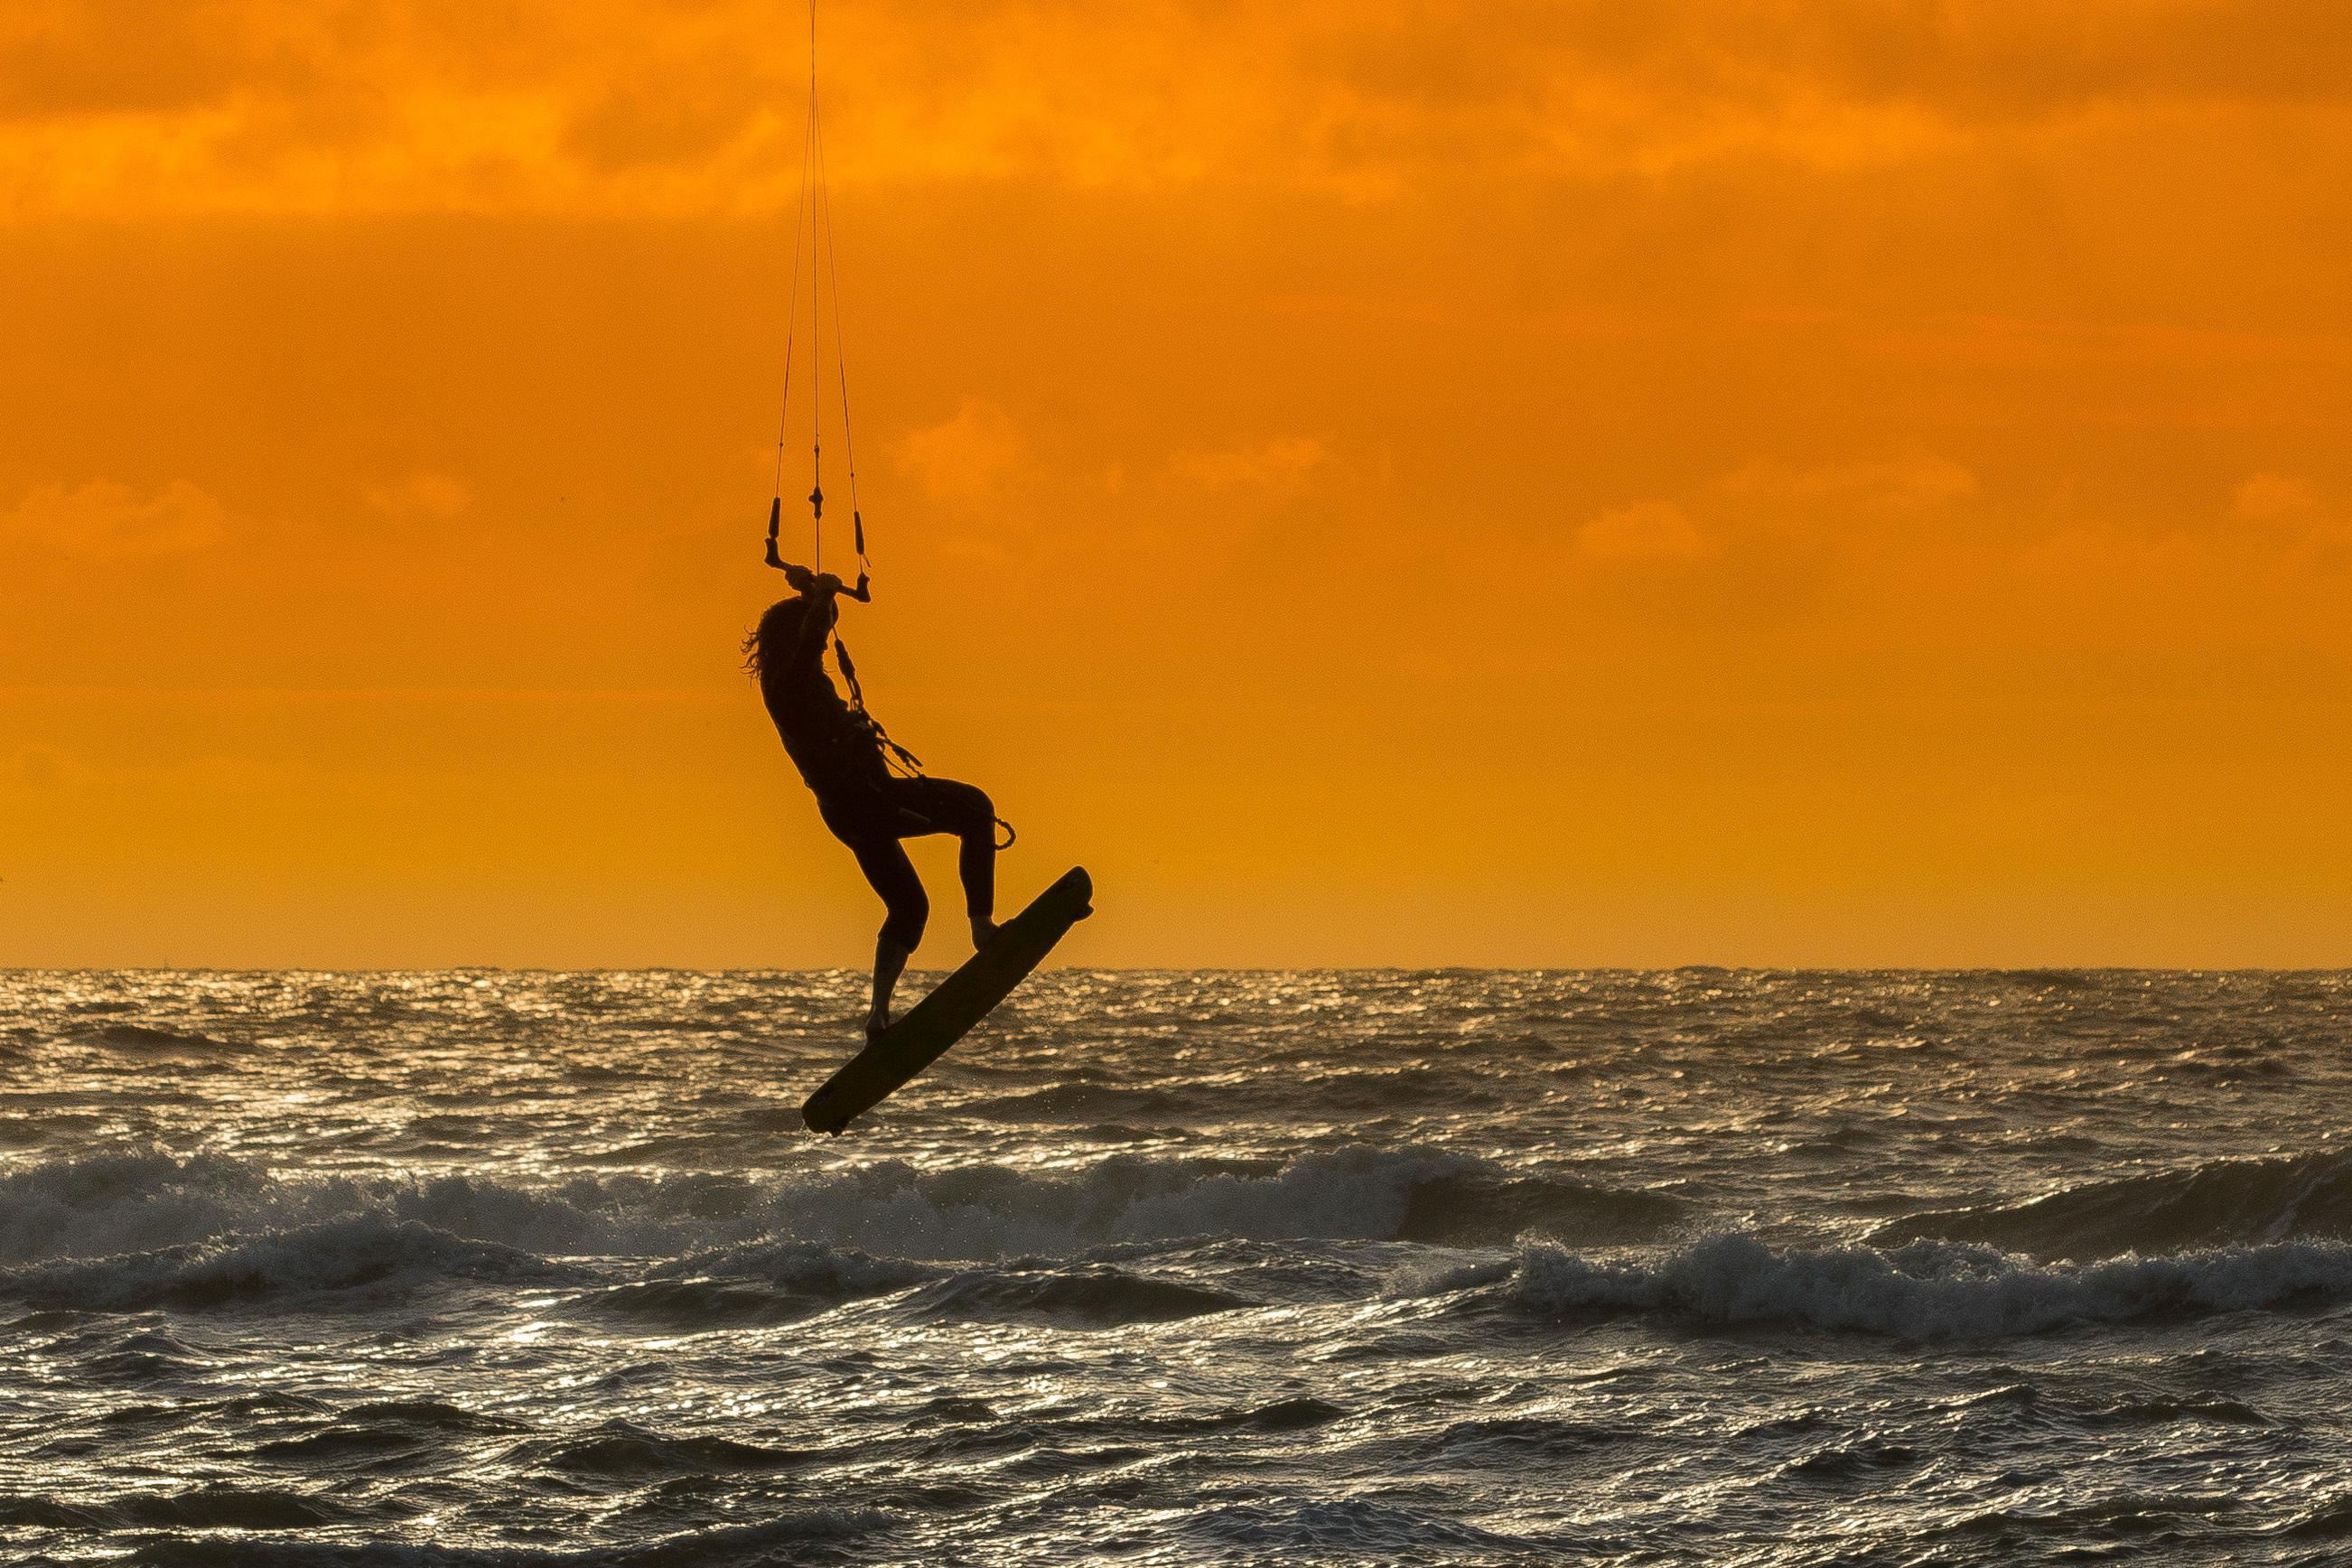 Kitesurfen op de Noordzee fotowedstrijd VVV Texel Mieke Bazuin